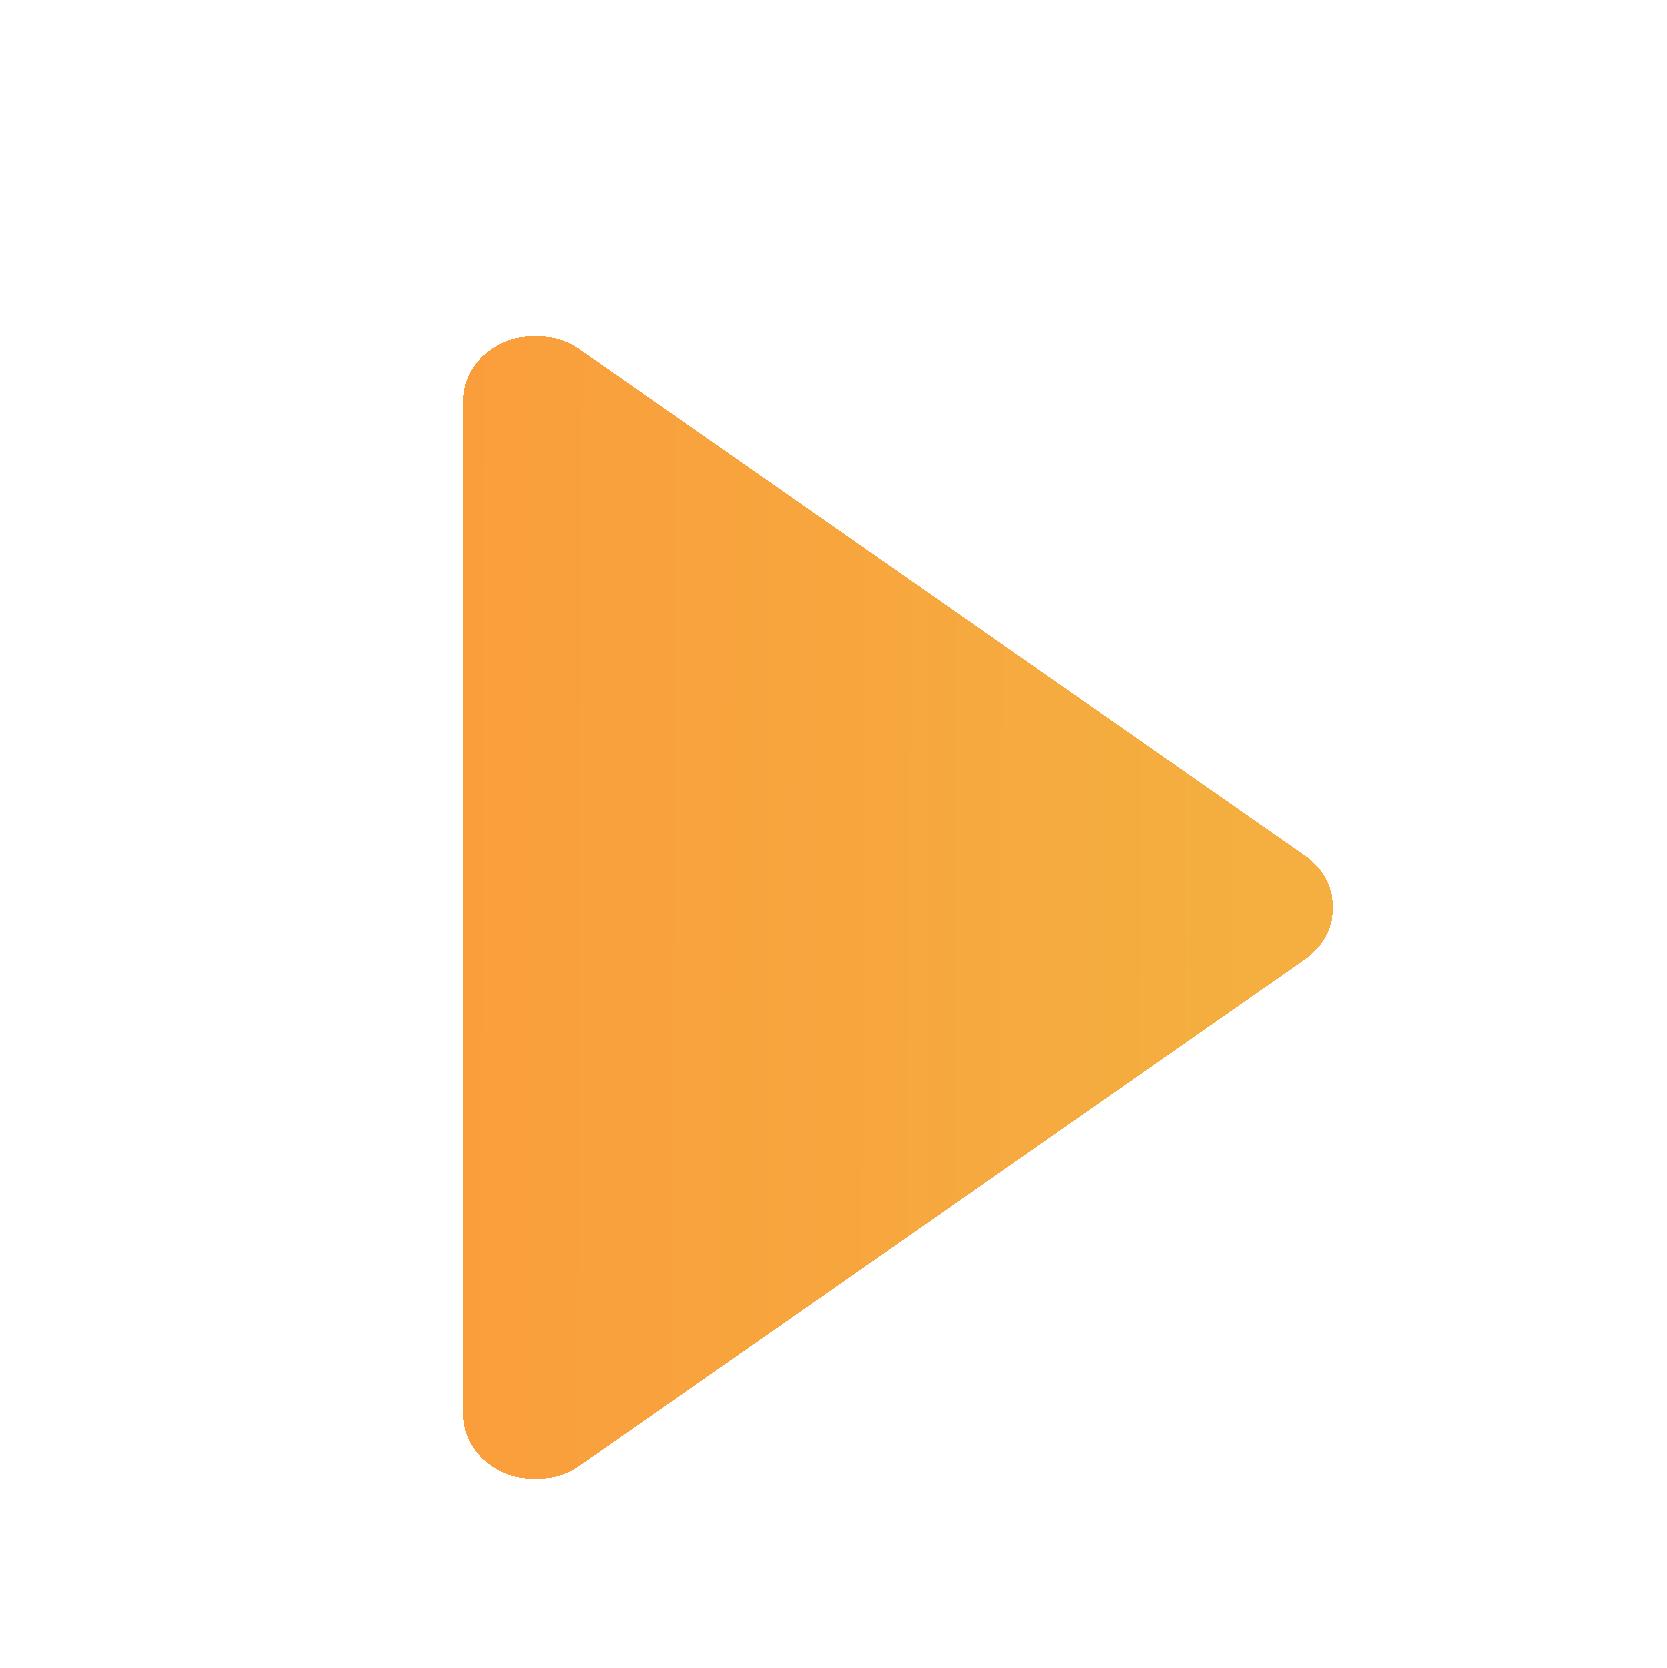 Mozaik-Dreieck-orange-1